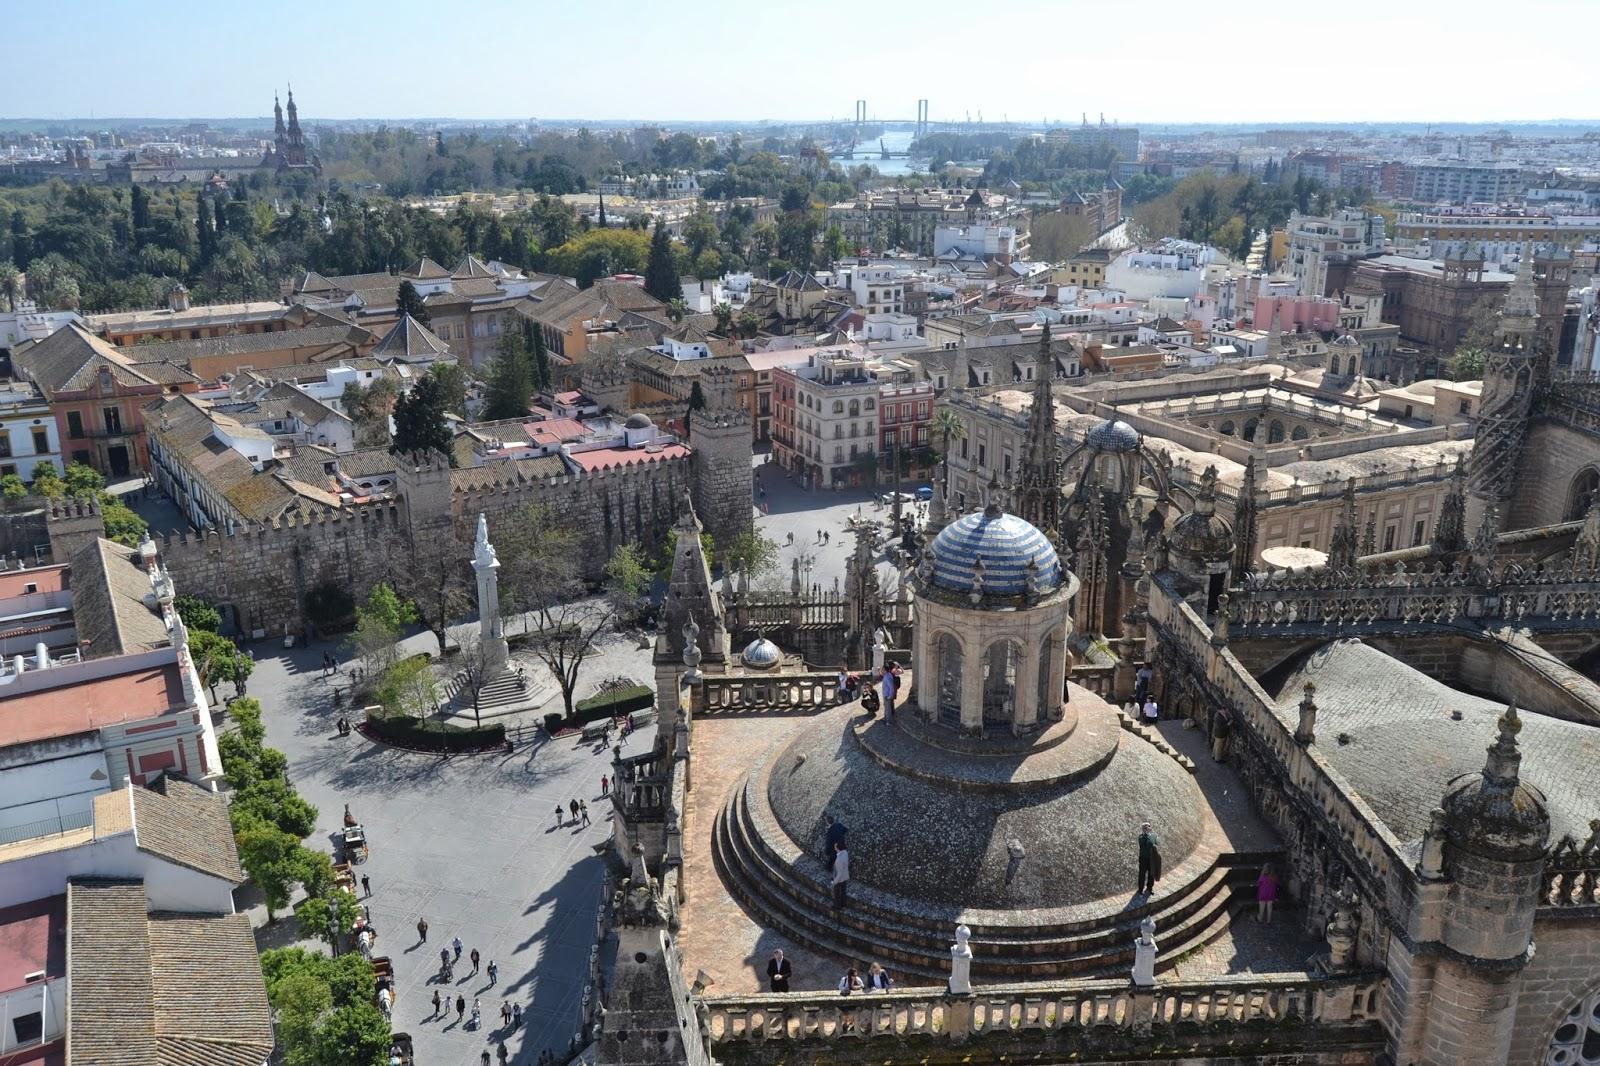 parte superior acompañante del hotel paseo en Sevilla